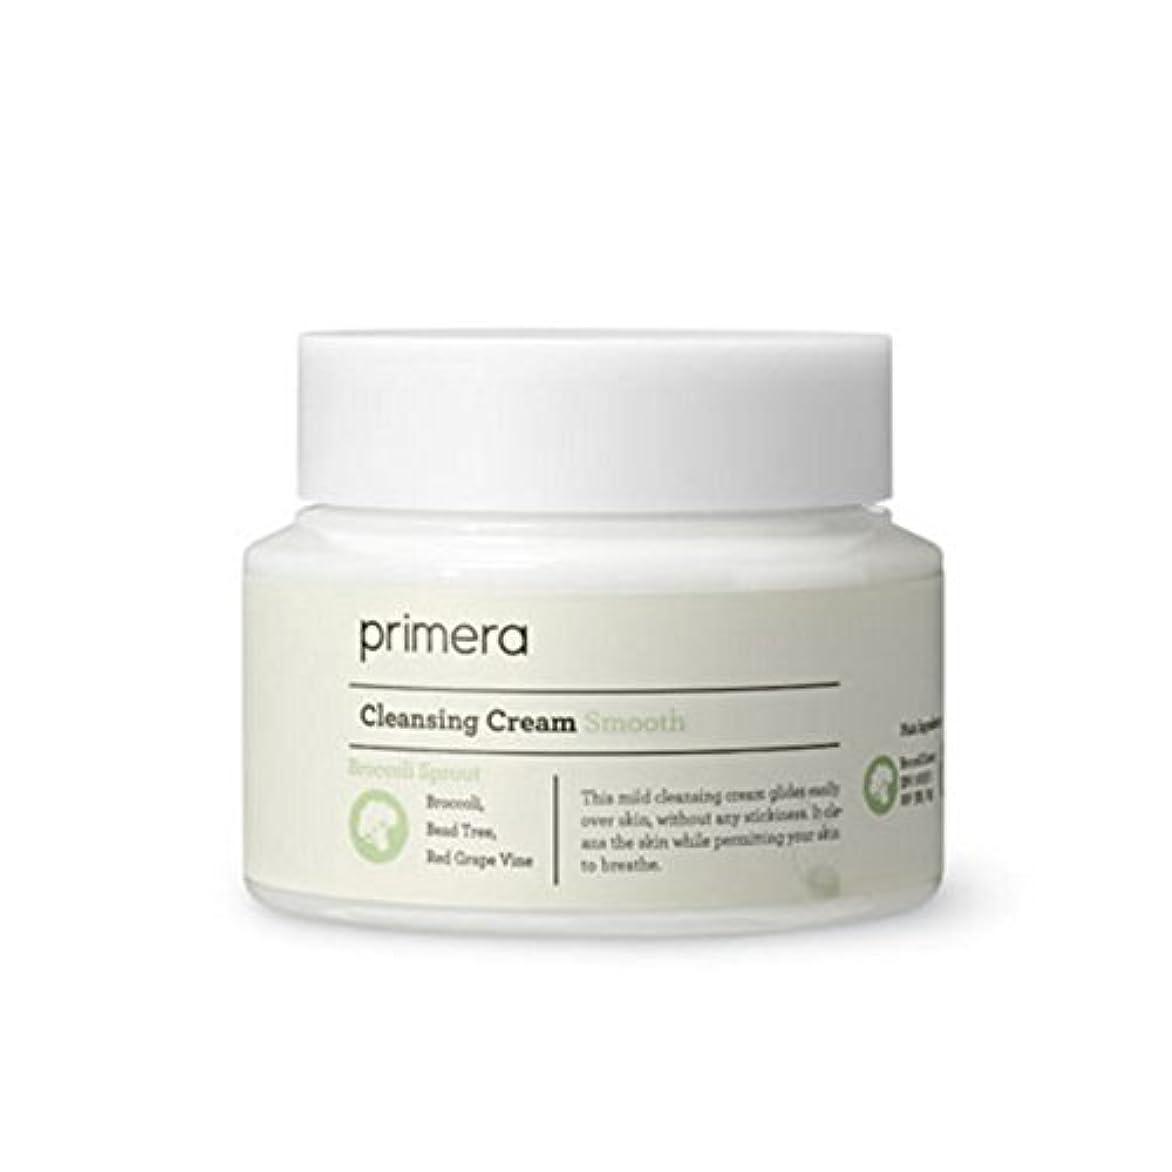 水銀のアテンダントセンチメンタル【プリメーラ】 PRIMERA Smooth Cleansing Cream スムース クレンジングクリーム 【韓国直送品】 OOPSPANDA